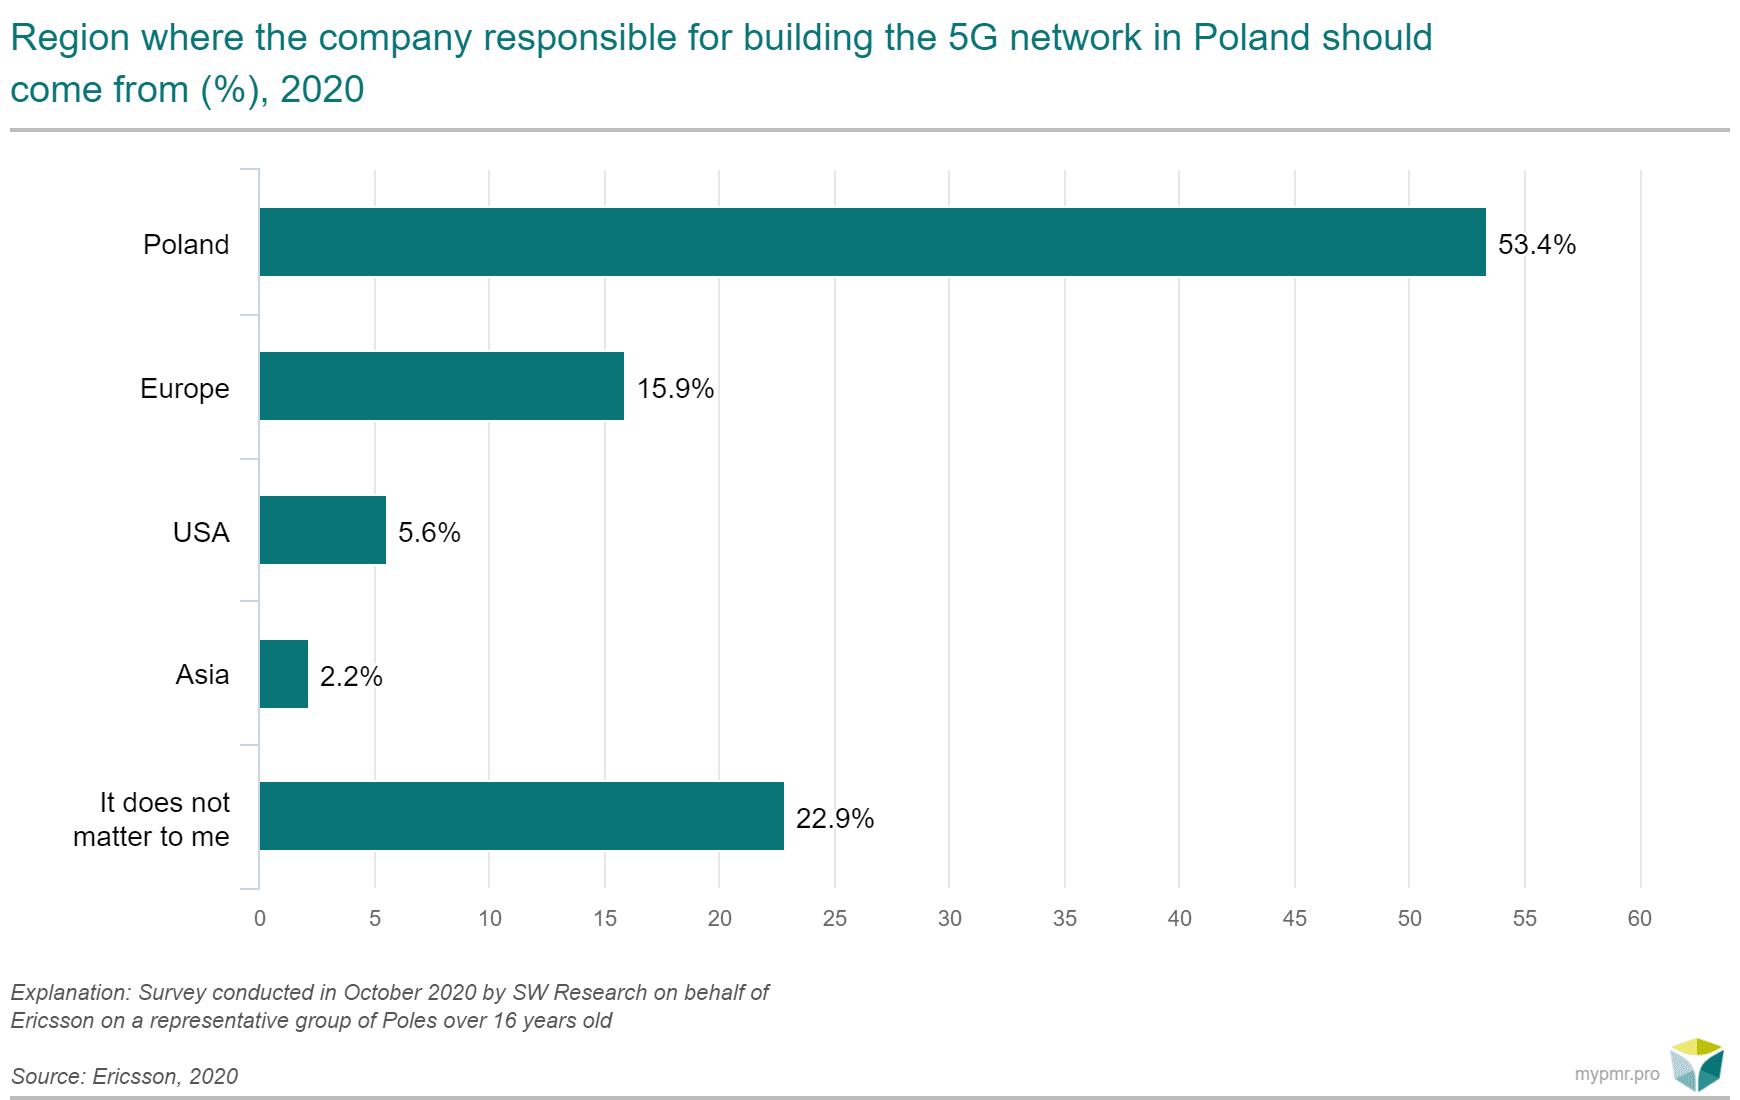 firmy odpowiedzialne za budowe 5G w PL, ENG